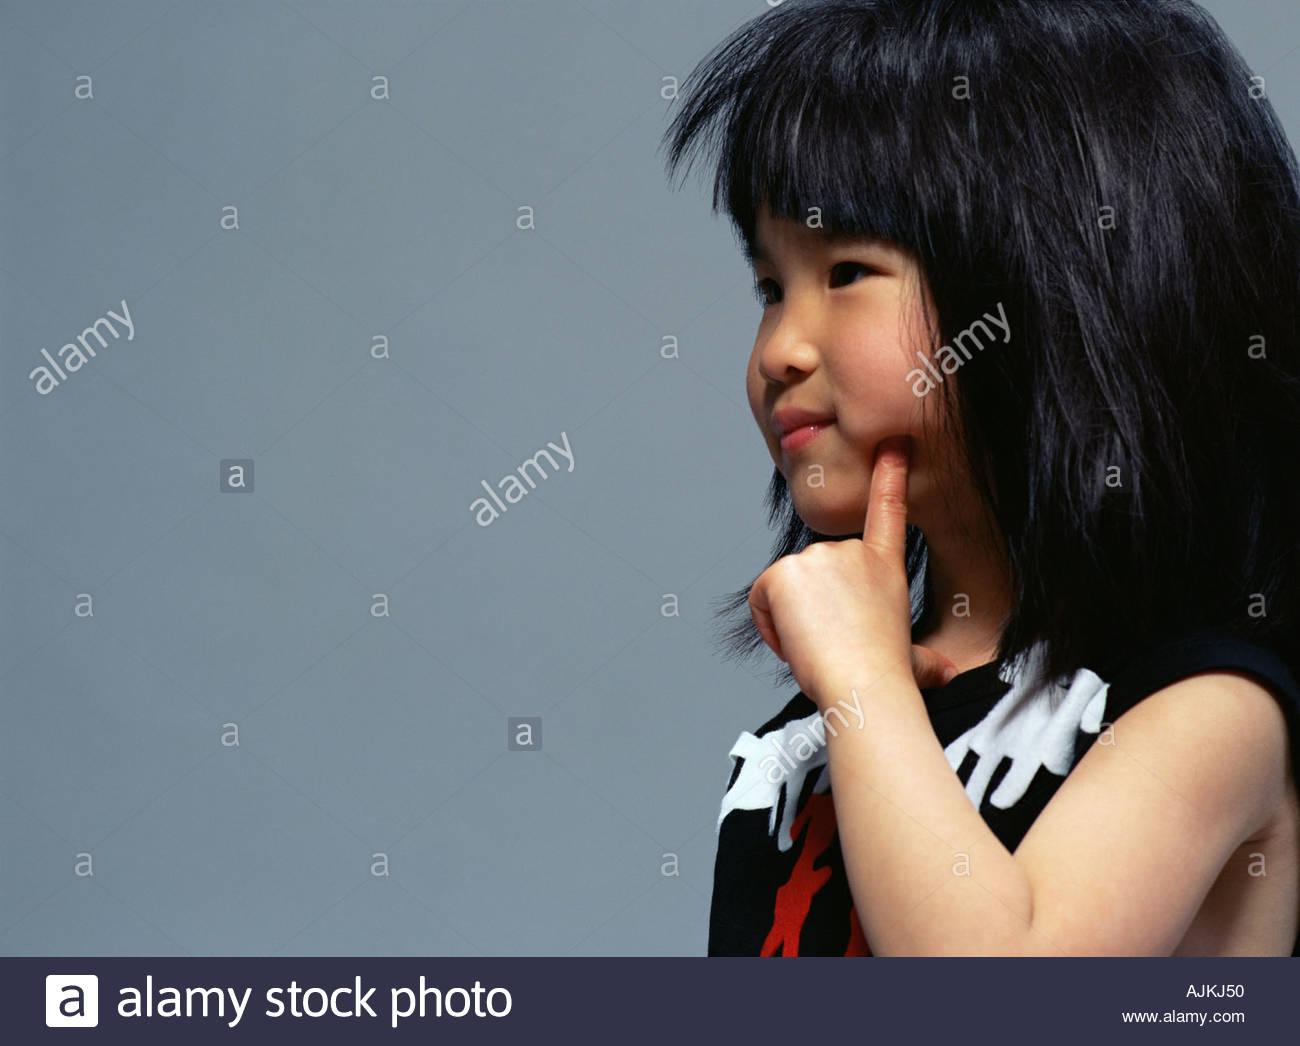 Girl thinking - Stock Image